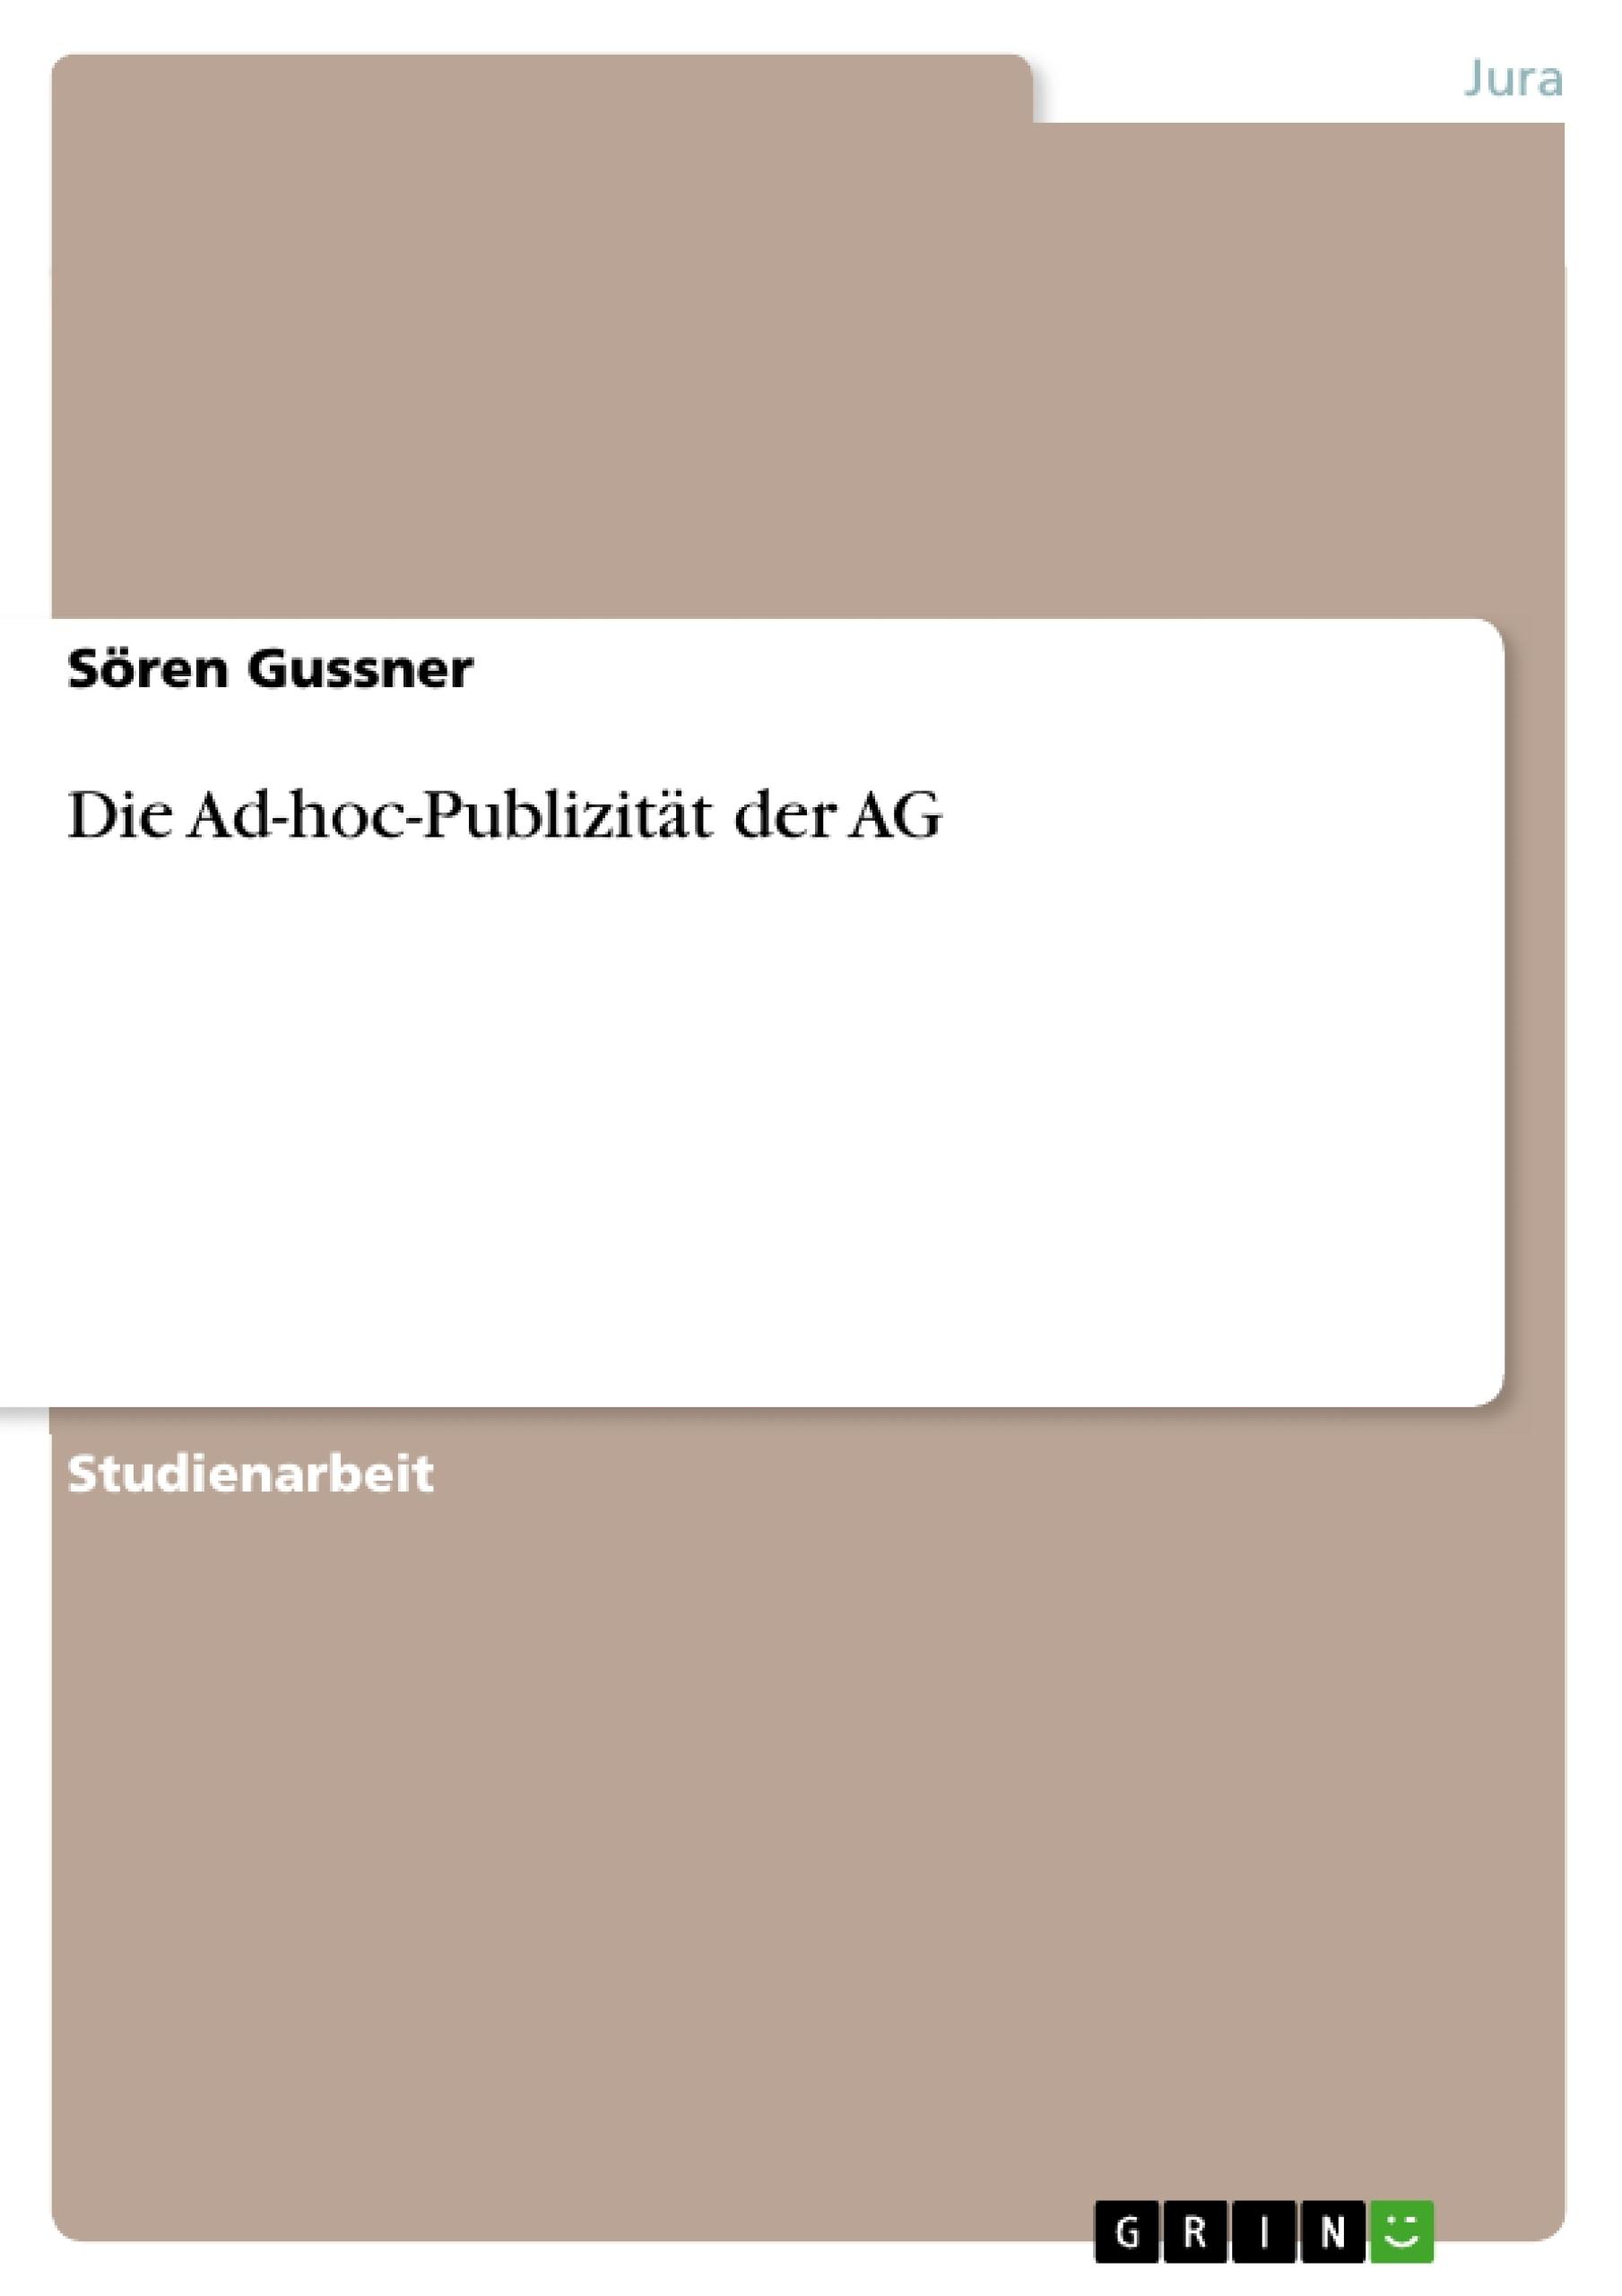 Titel: Die Ad-hoc-Publizität der AG